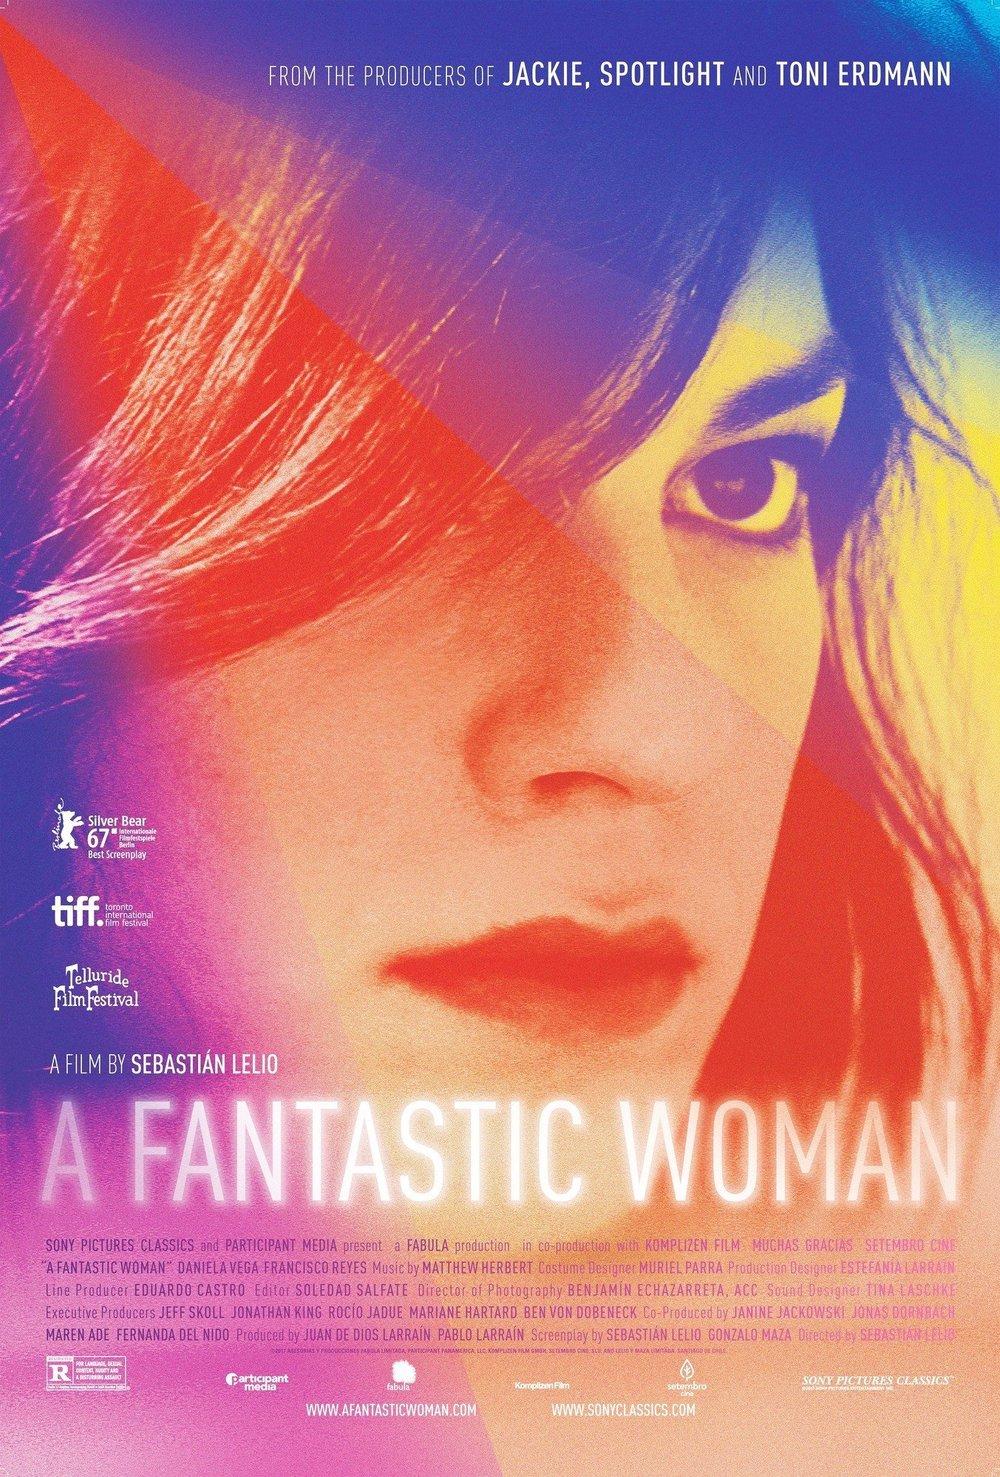 不思议女人    本片获得第90届奥斯卡金像奖最佳外语片,是智利电影史上第二部获得金像奖的电影,西班牙戈雅奖最佳伊比利亚美洲电影奖。剧情讲述了一位变性者玛莲娜因其跨性别者的身份,不得不直面丈夫家庭的压力,为了成为强大、直率的普通女人而努力的故事。  阅读更多